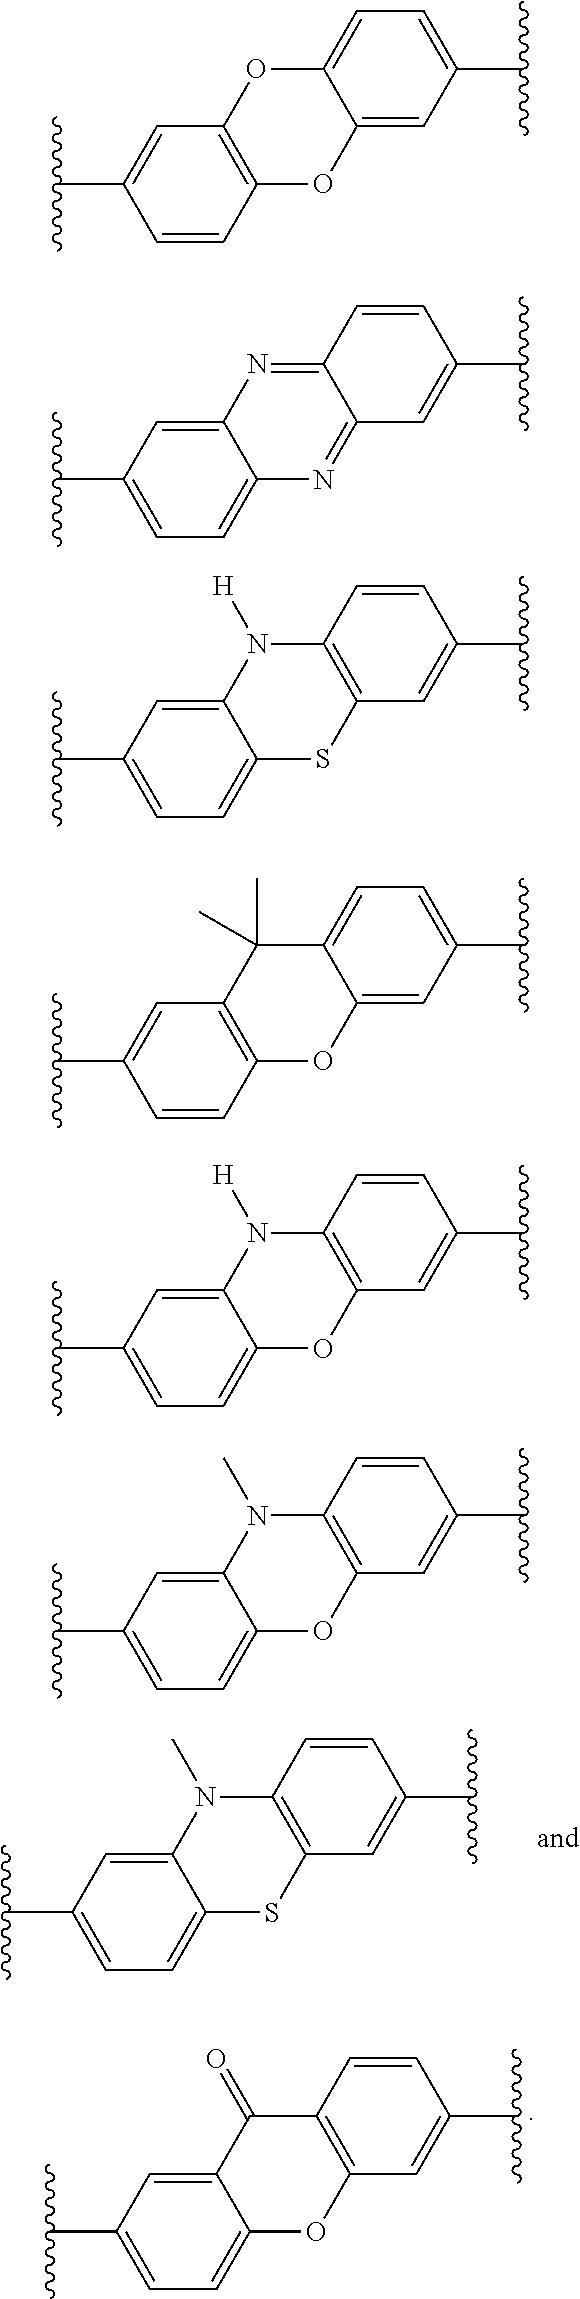 Figure US08273341-20120925-C00114